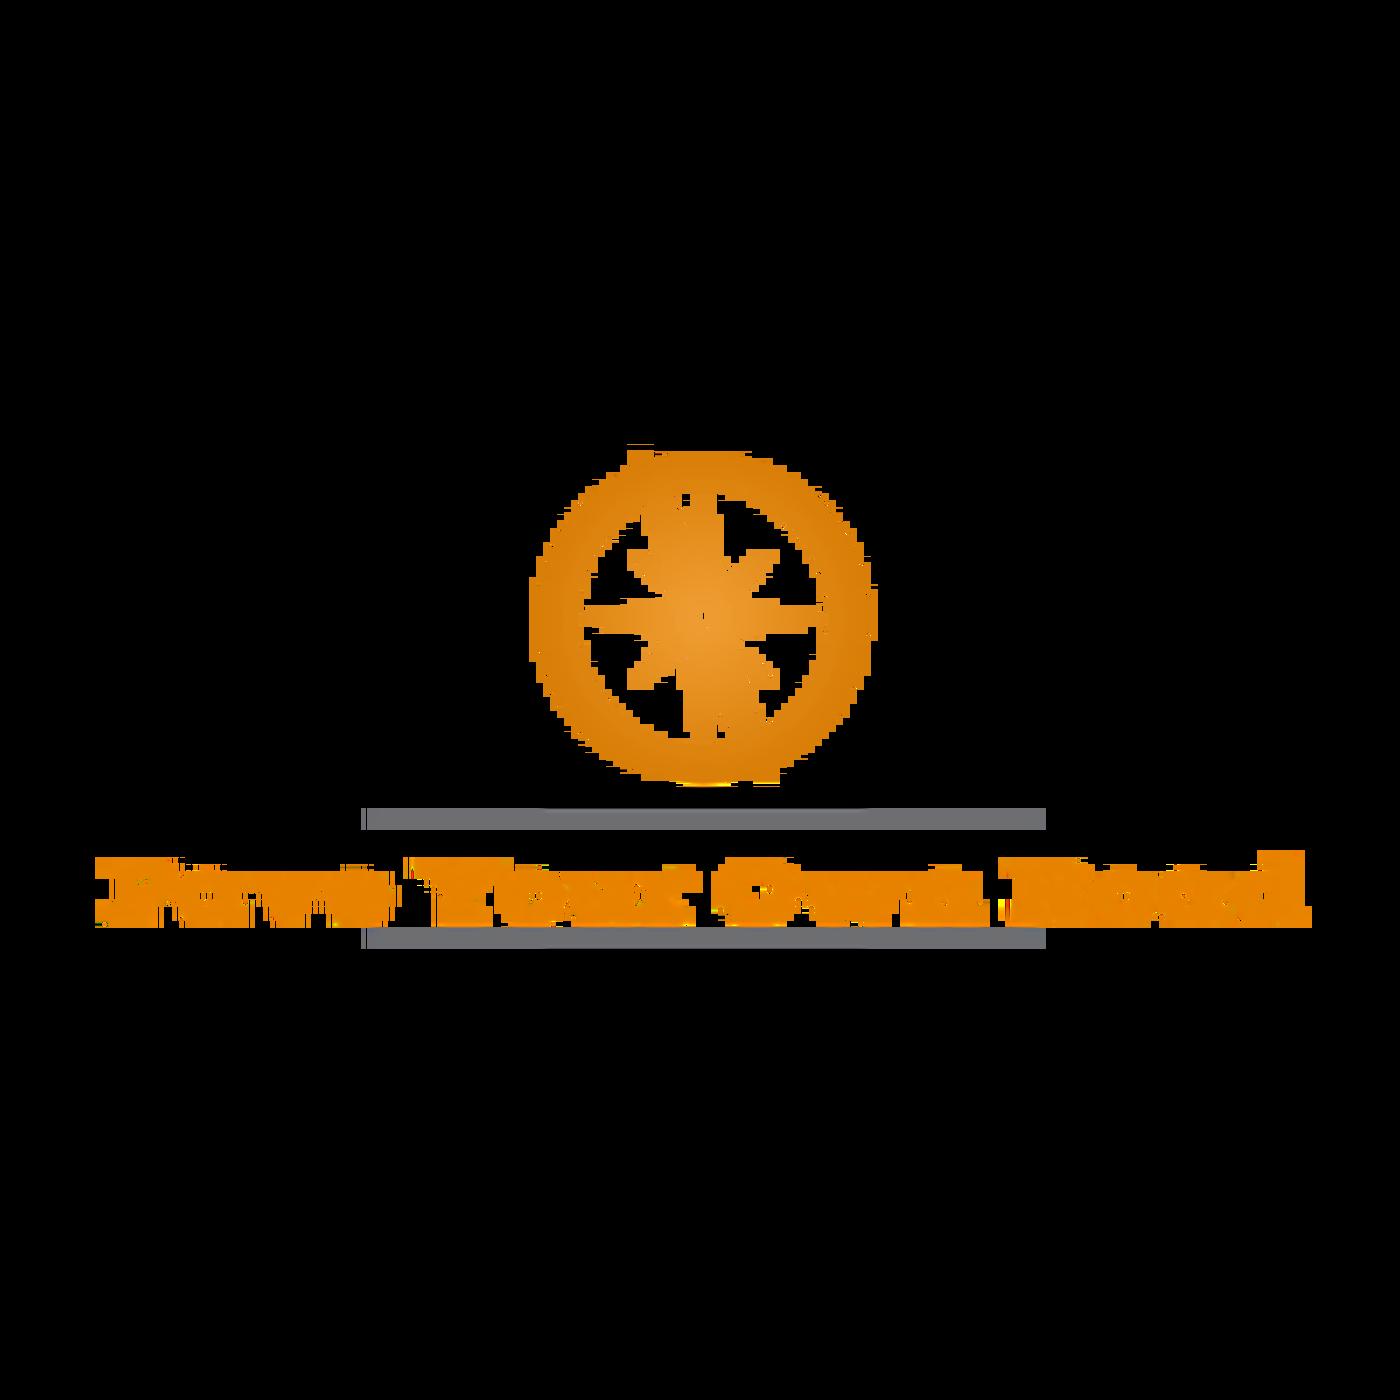 PYOR logo